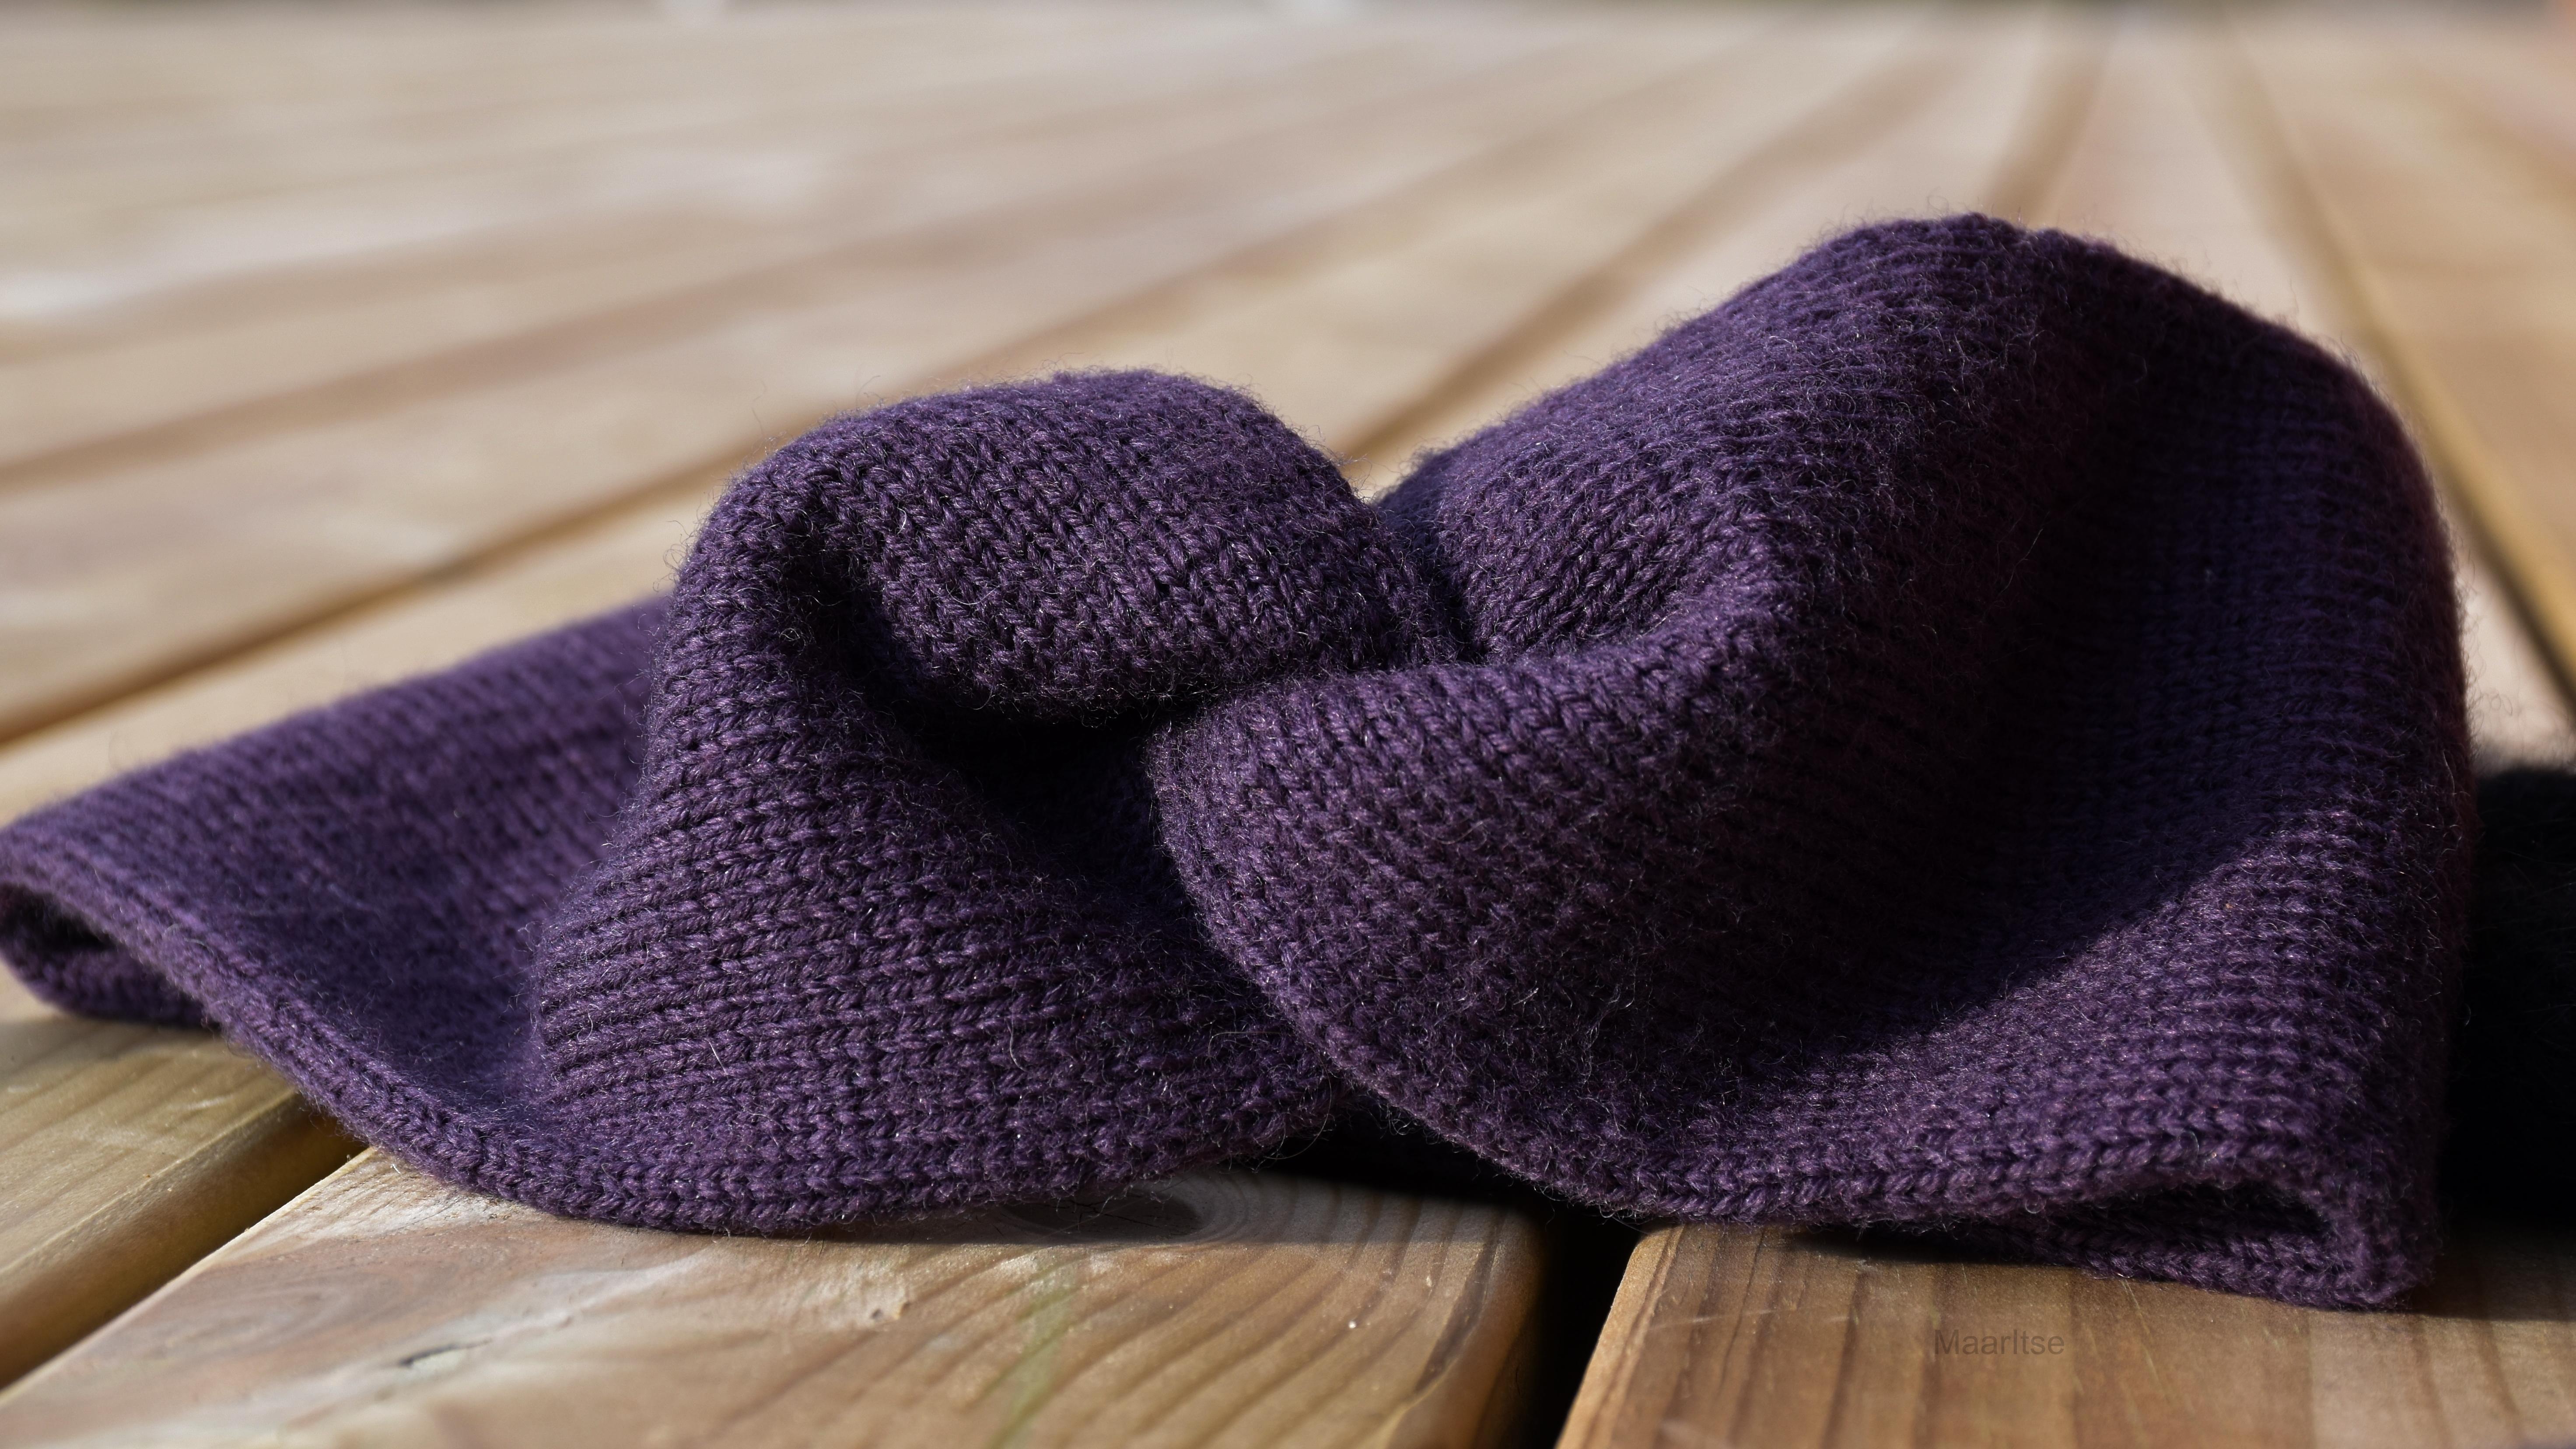 maaritse_twist_headband